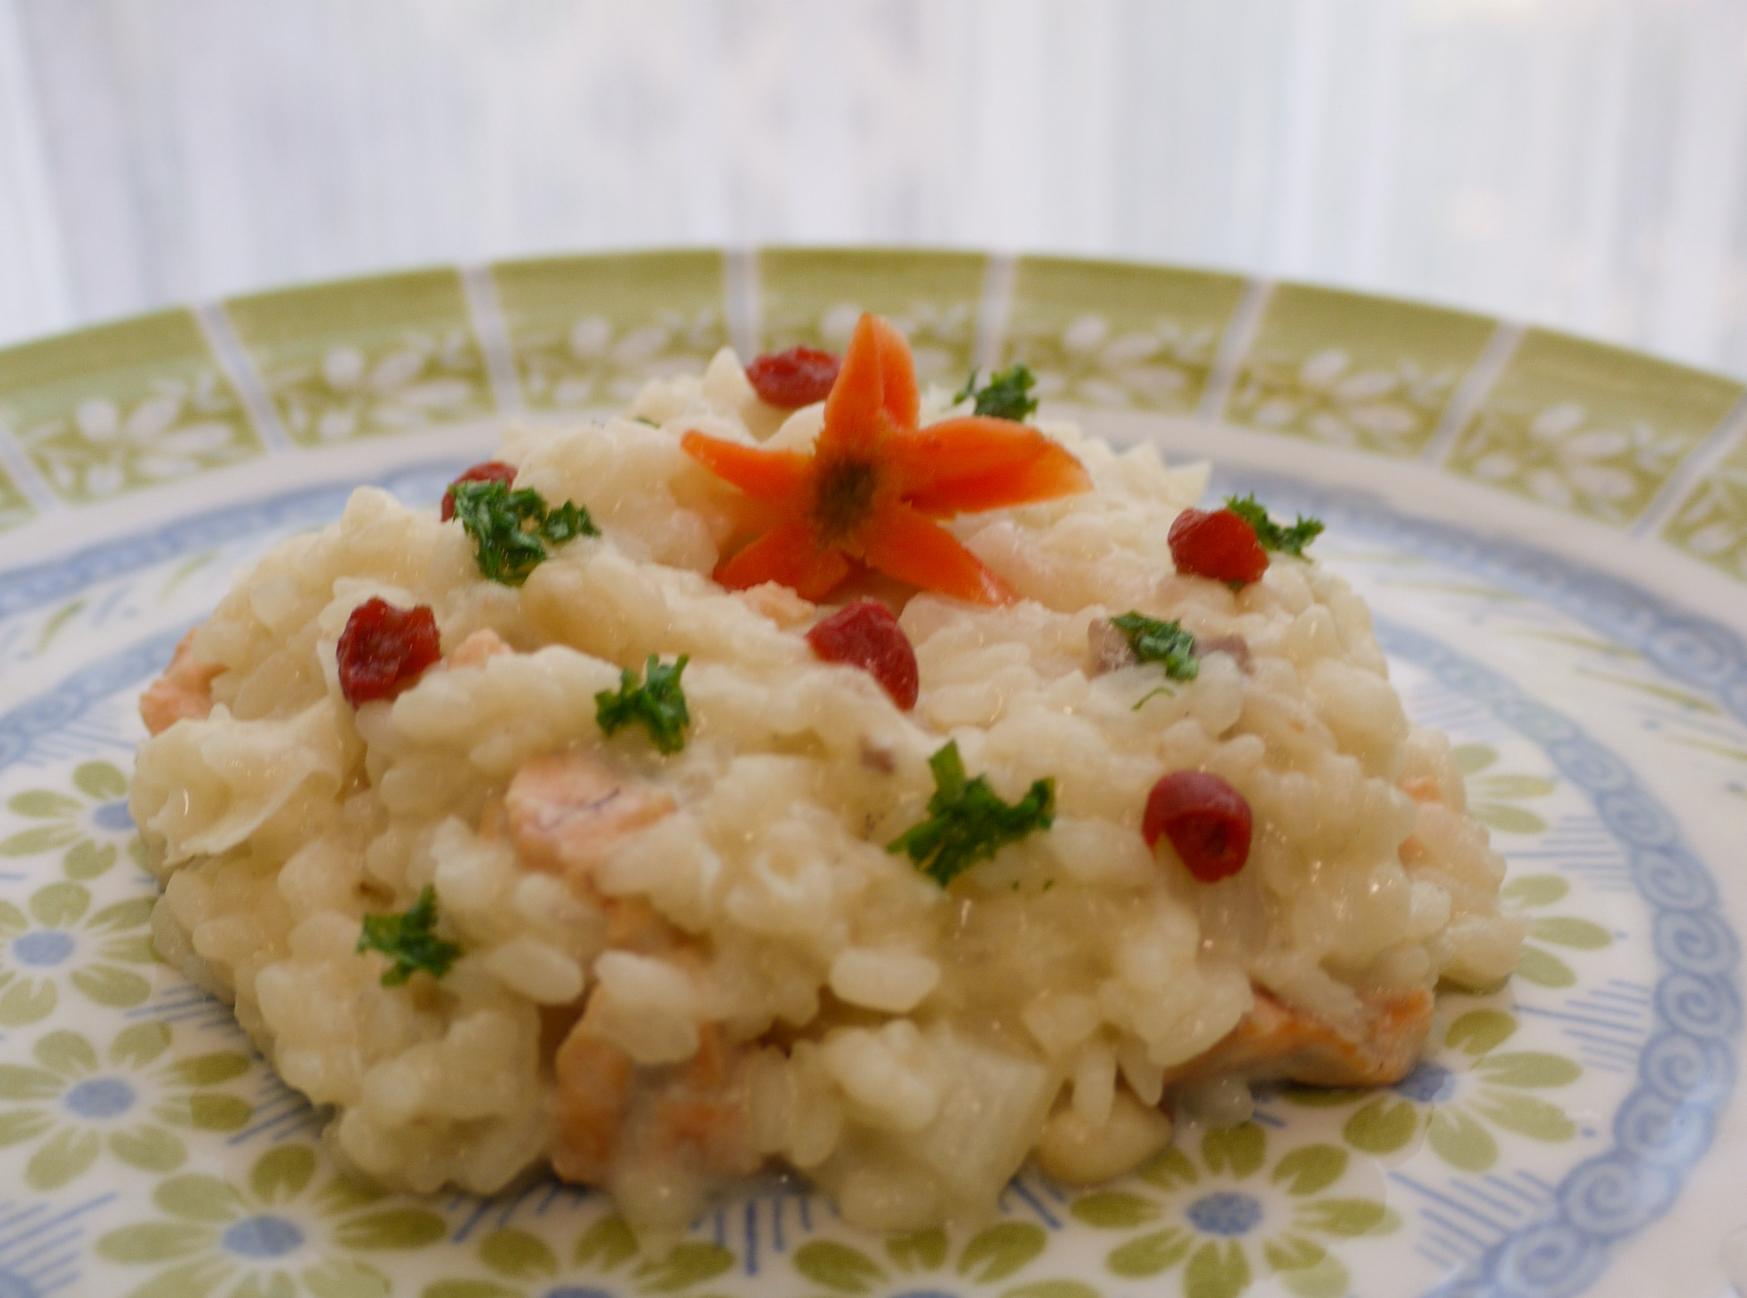 鮭と白いナイツの潤いリゾットです。